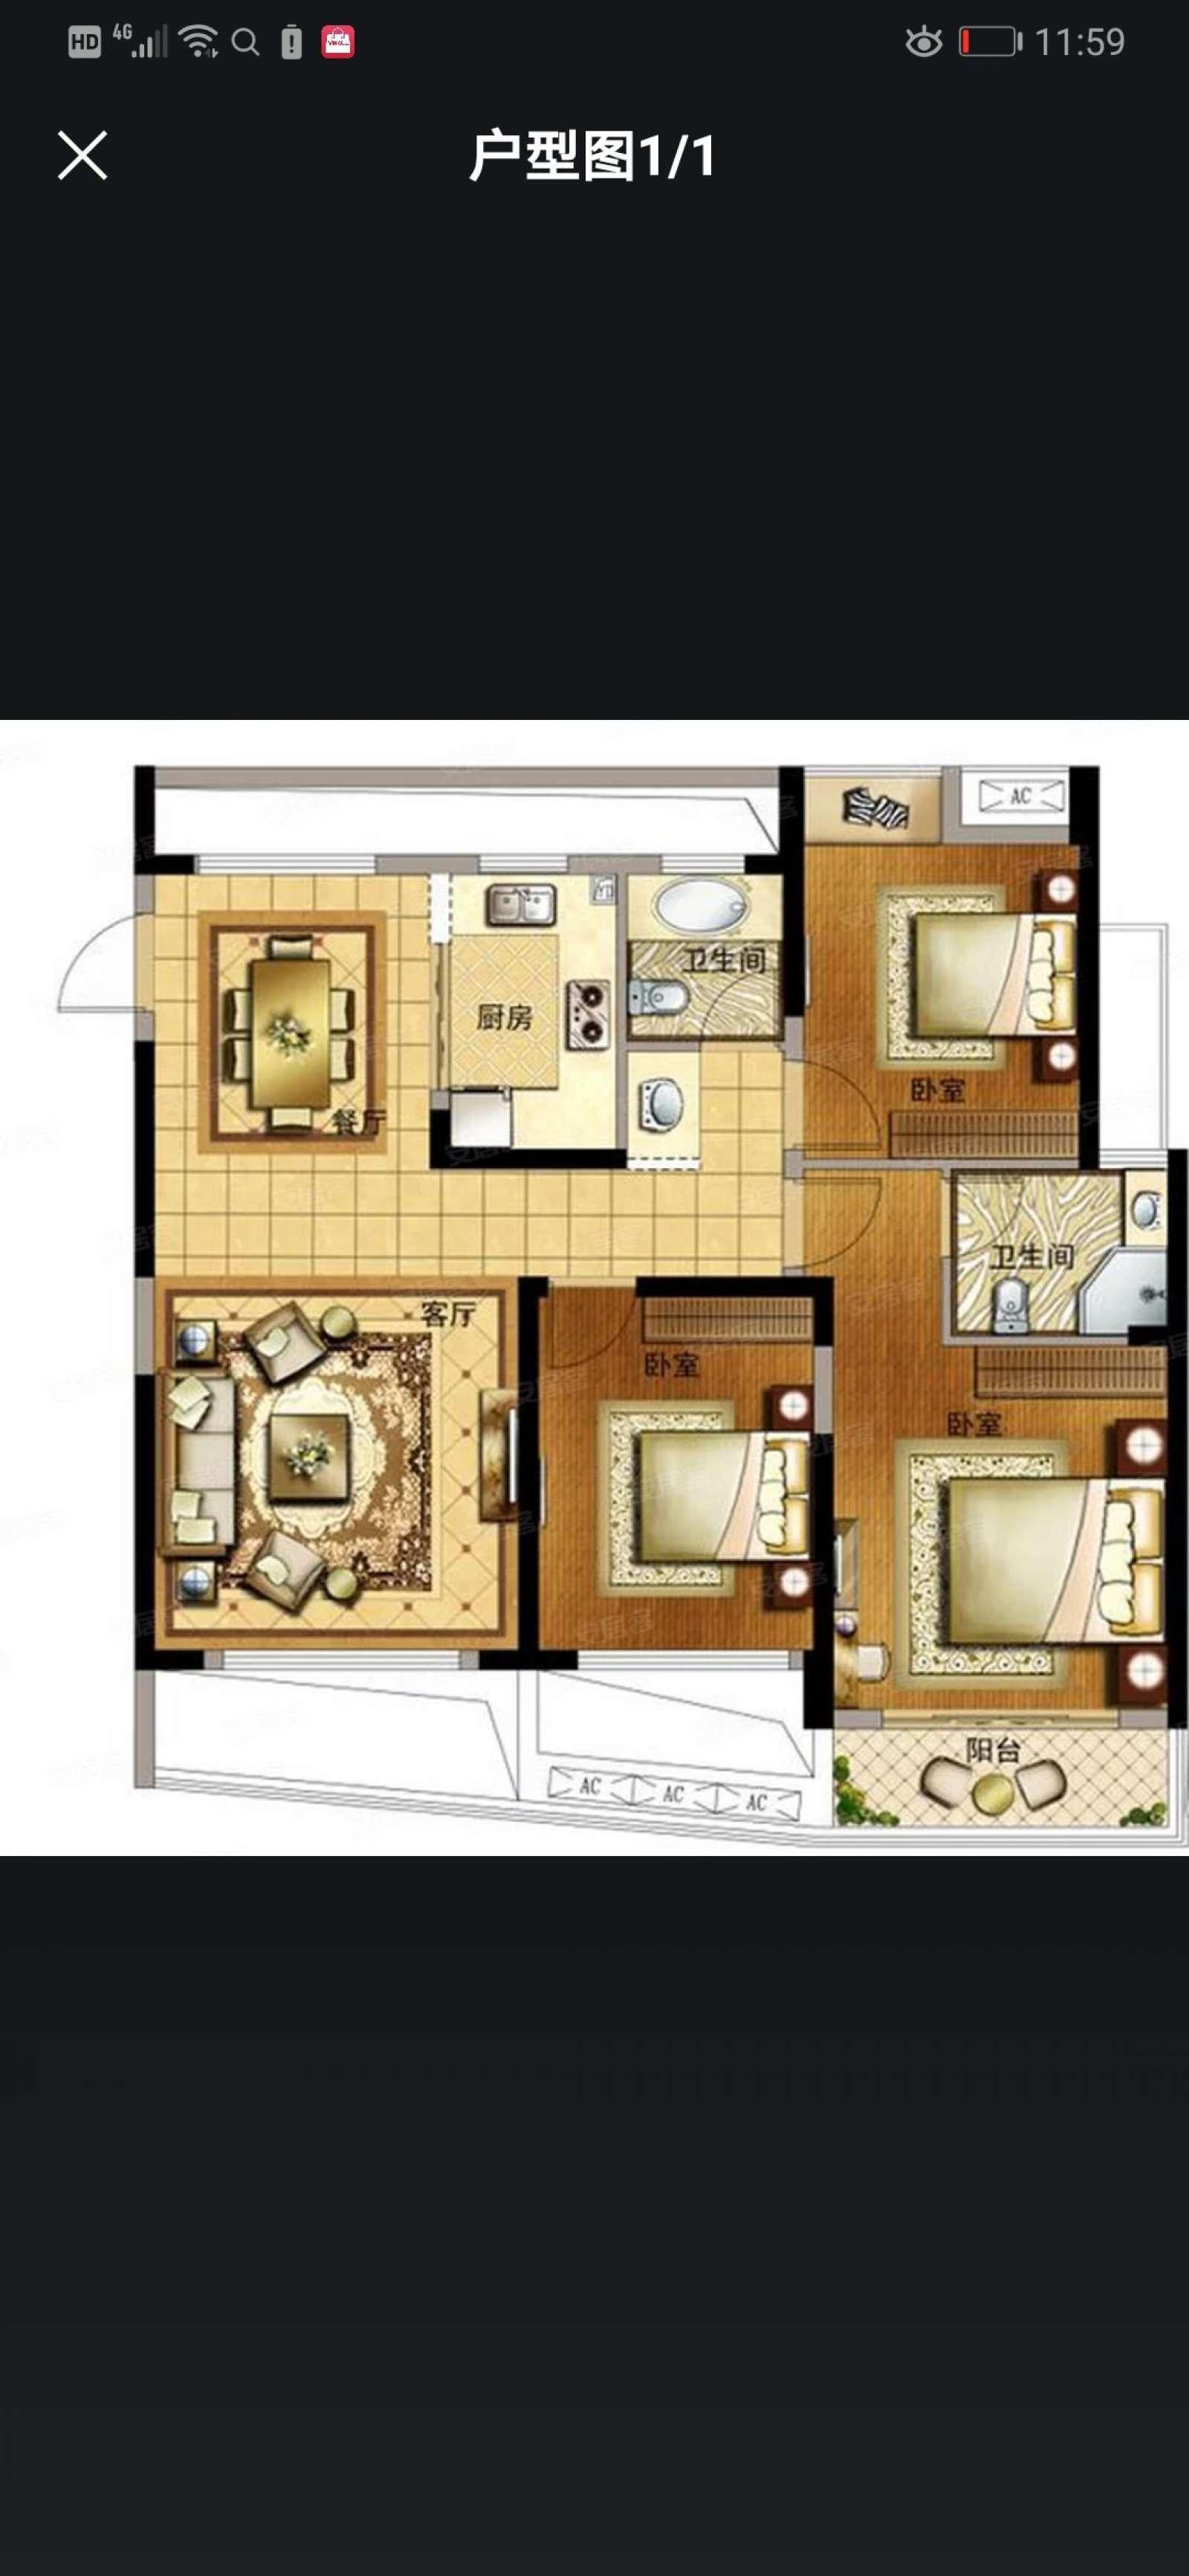 中奥广场 3室2厅117㎡